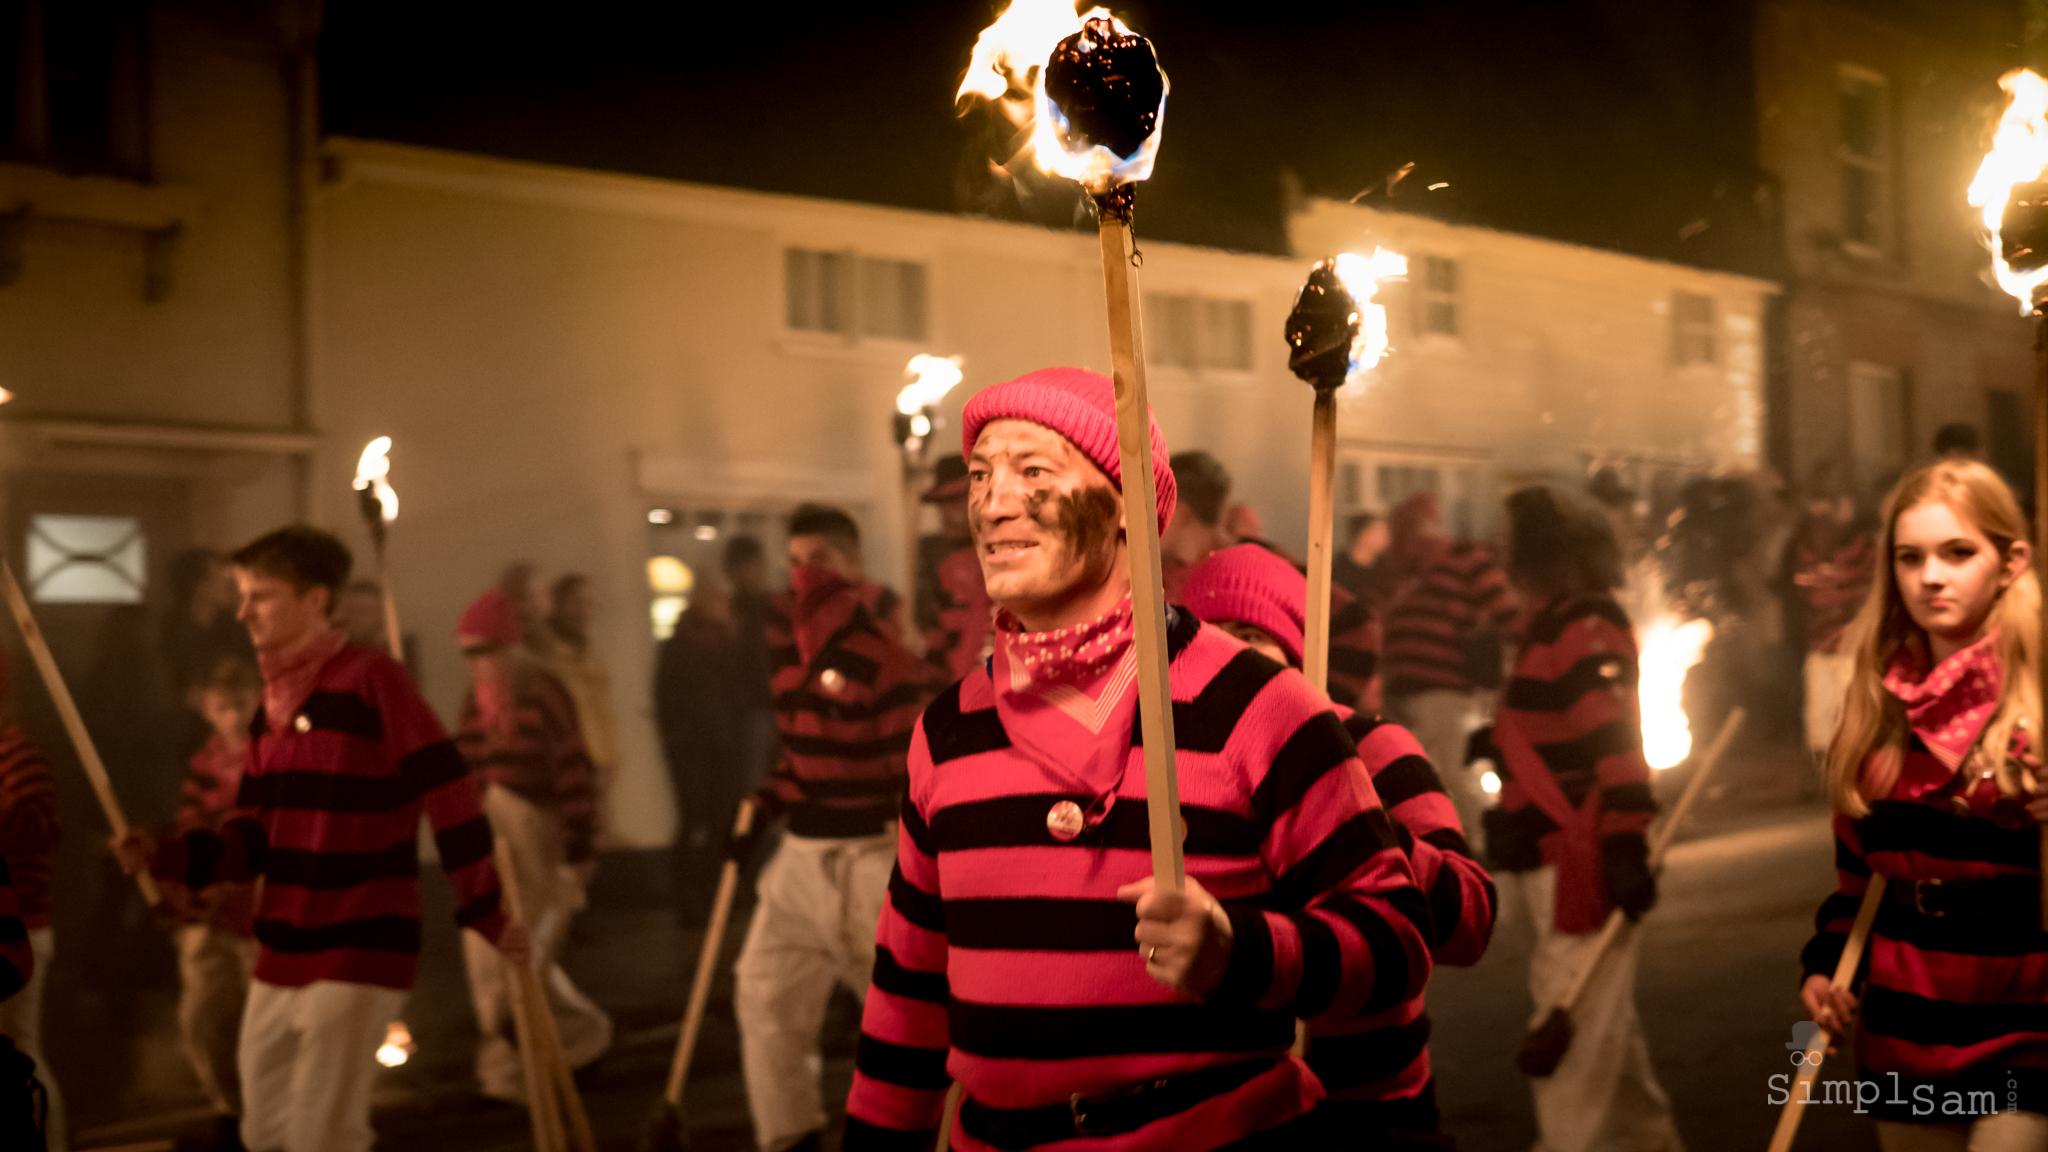 Lewes Bonfire 2017 - Torches